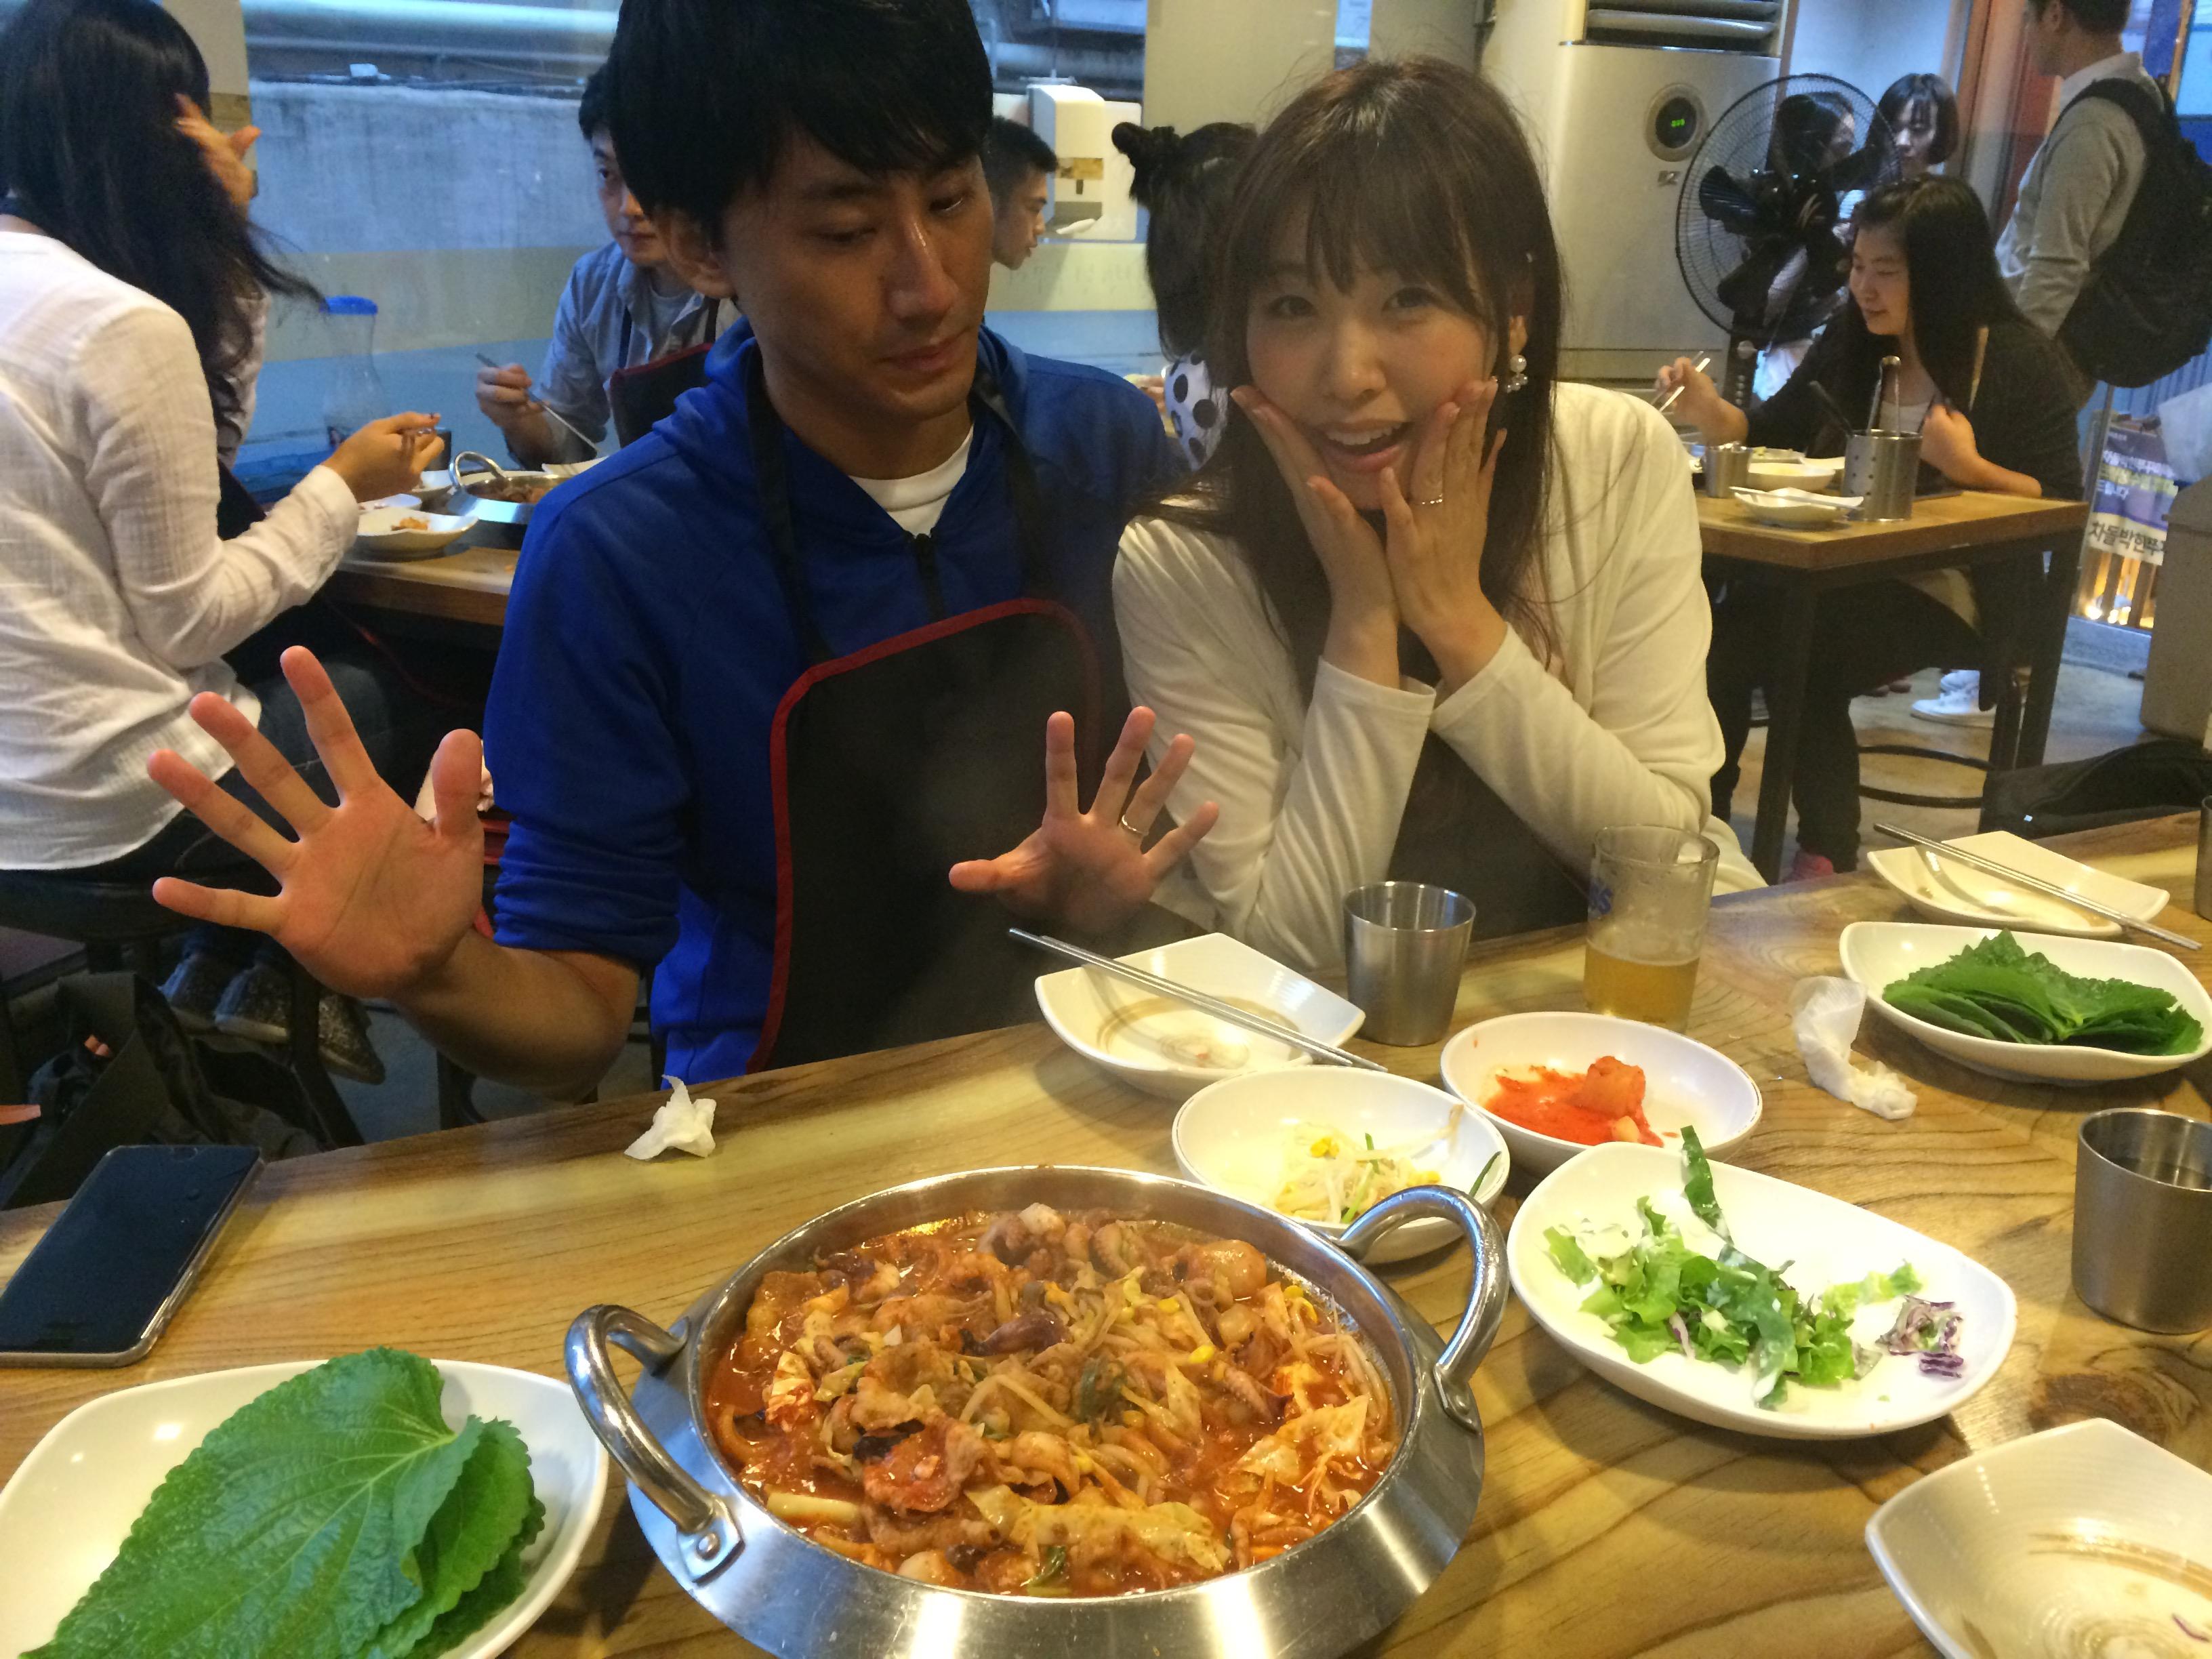 韓国旅行でオススメのもの